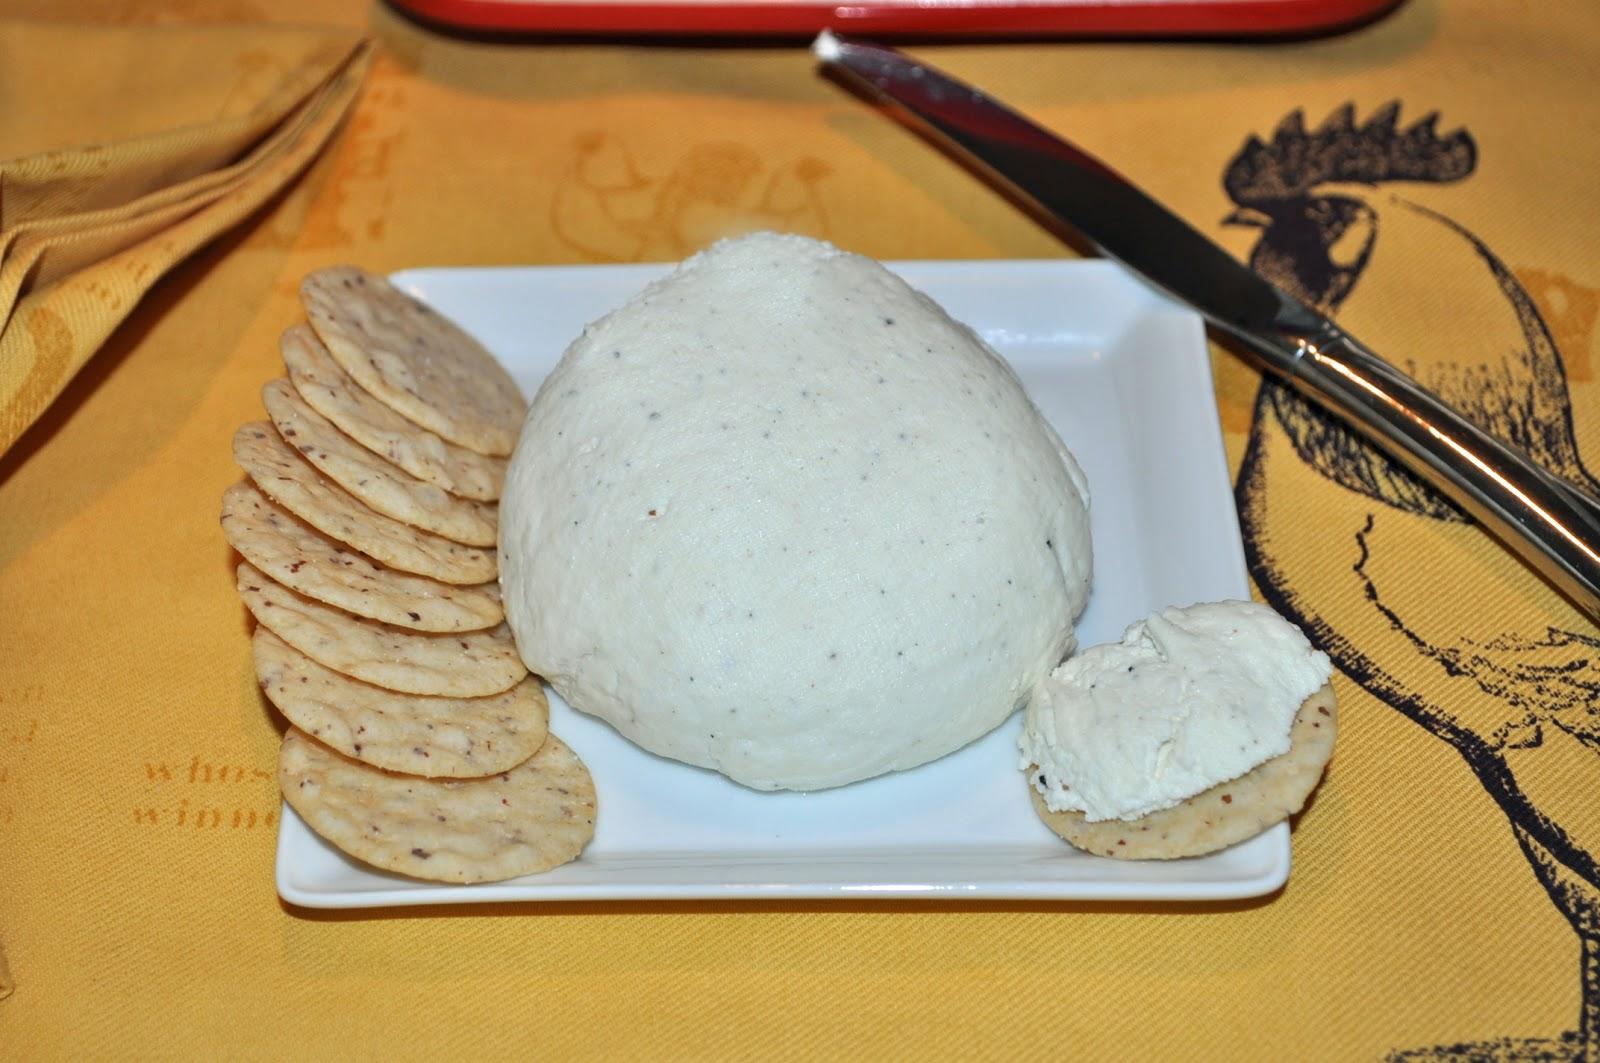 My Cocina, My Kitchen: Homemade Fresh Buttermilk Cheese